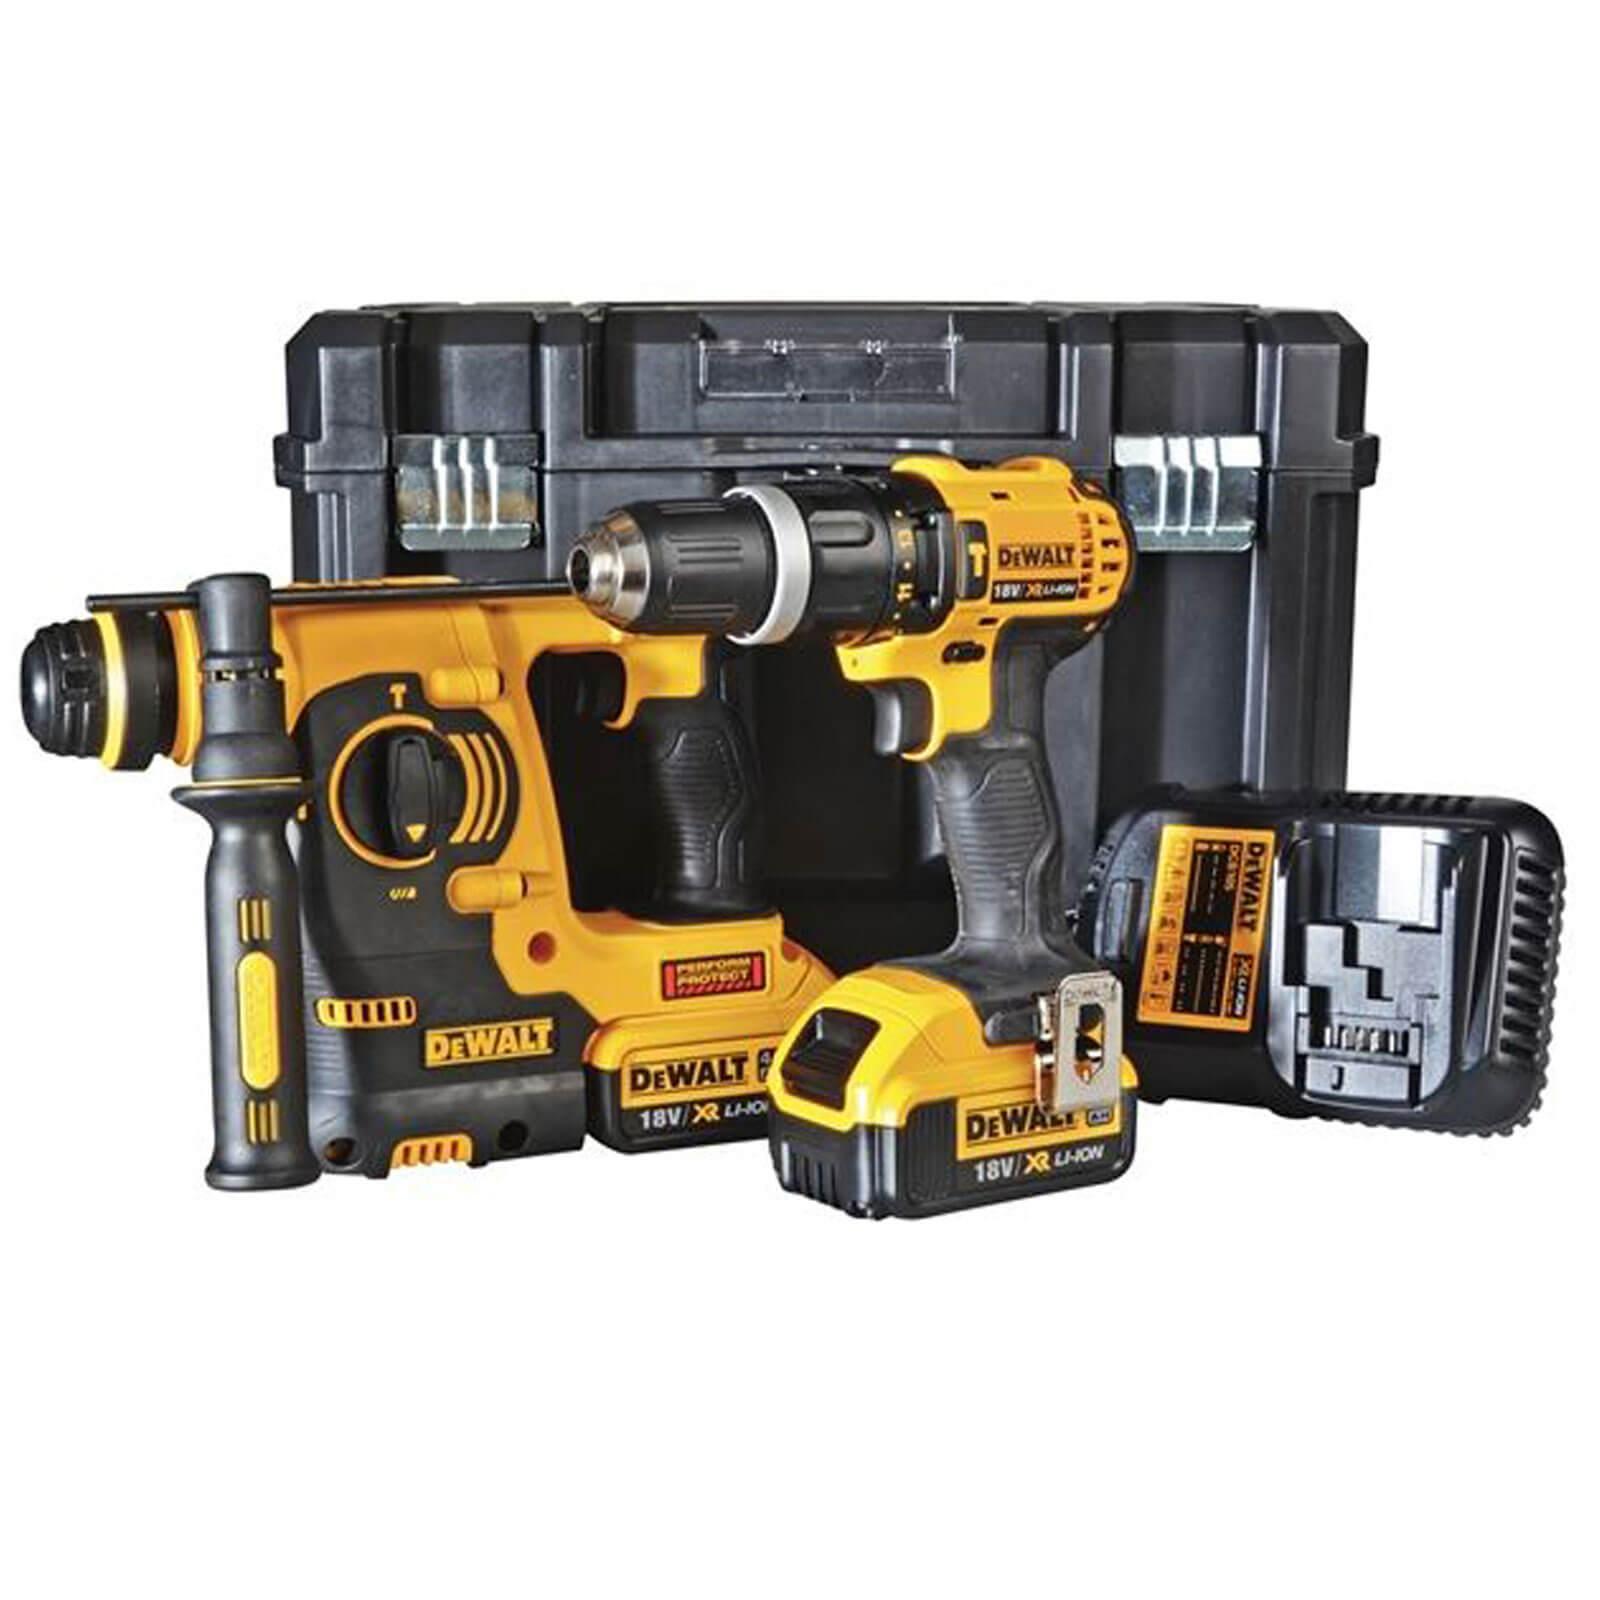 Image of Dewalt DCK206M2 18v Cordless SDS Hammer Drill & Combi Drill Kit 2 x 4ah Li-ion Charger Case